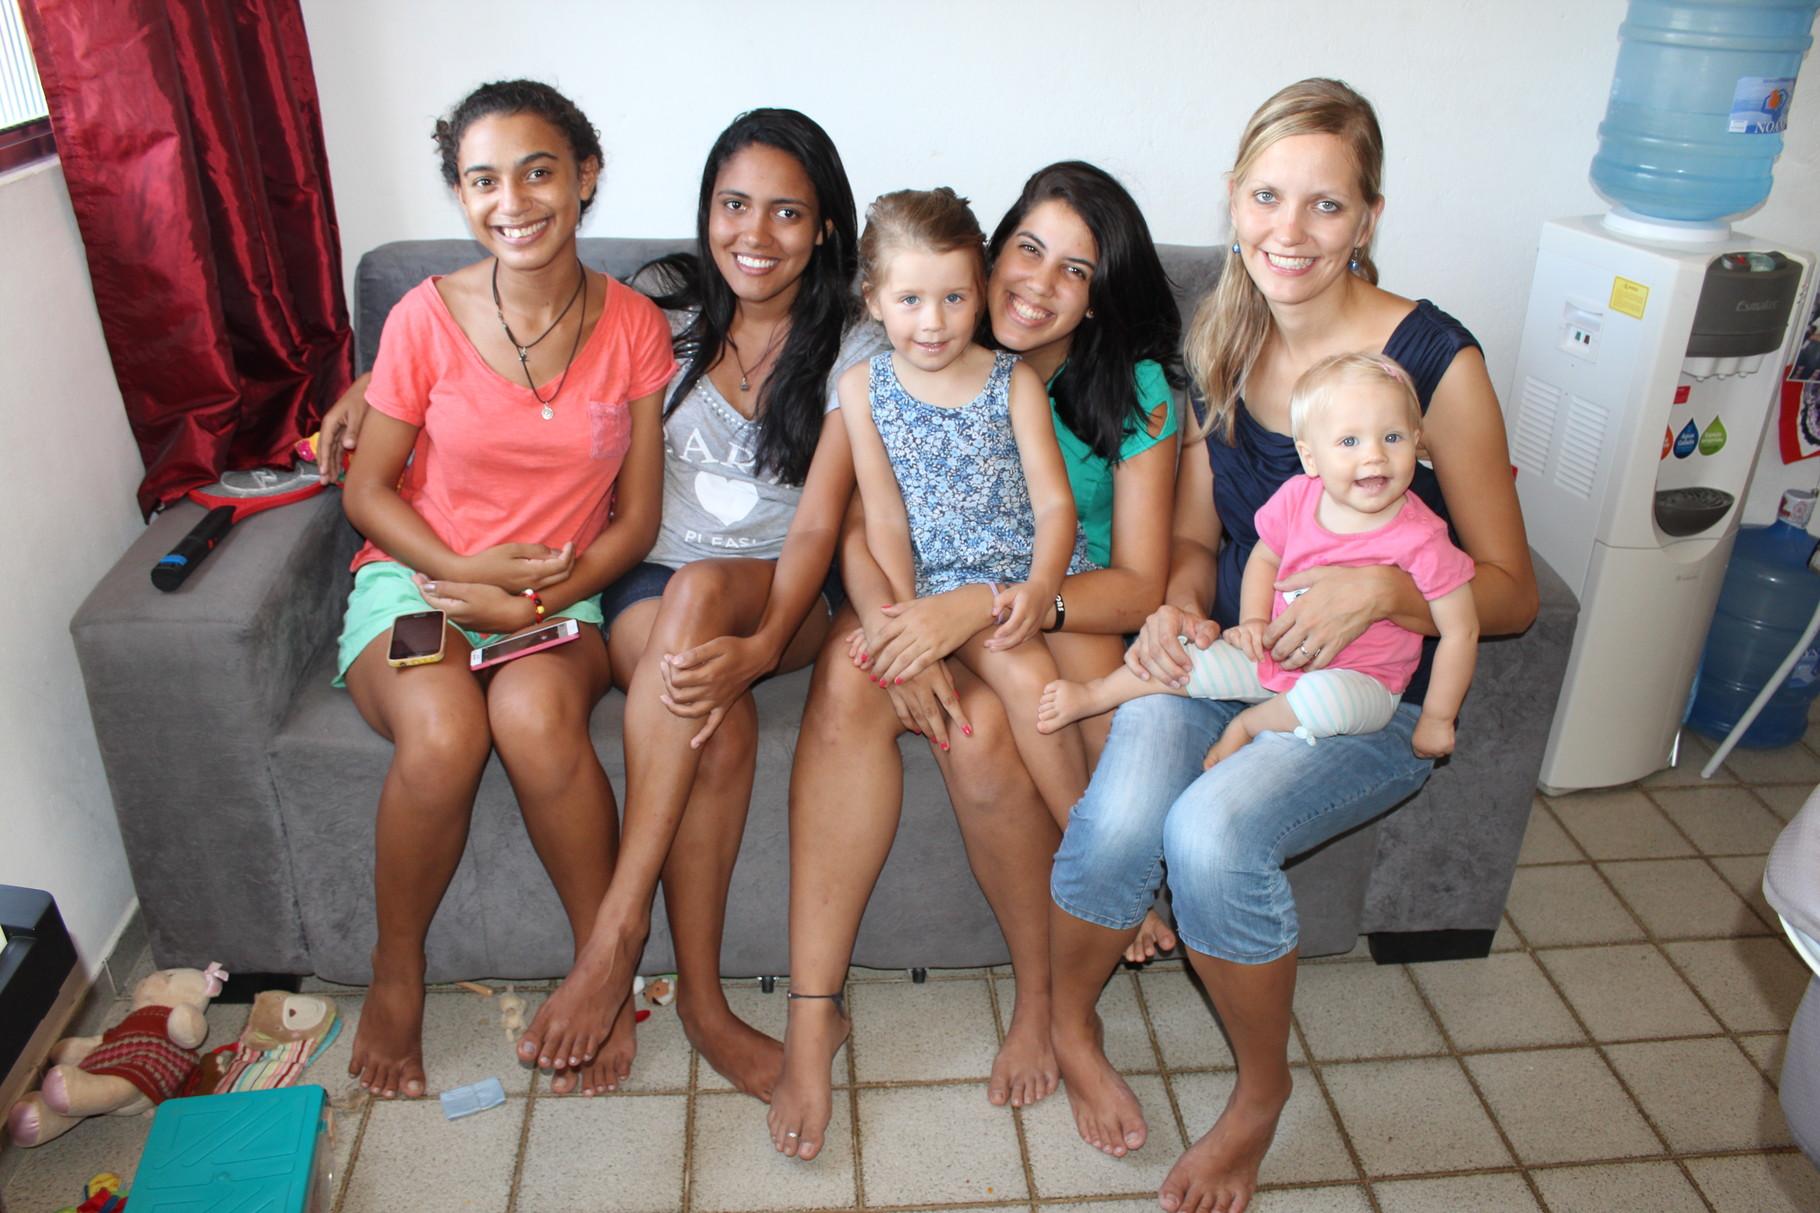 Besuch von den DTS-Studentinnen Esther, Nathally und Victorya aus Brasilien